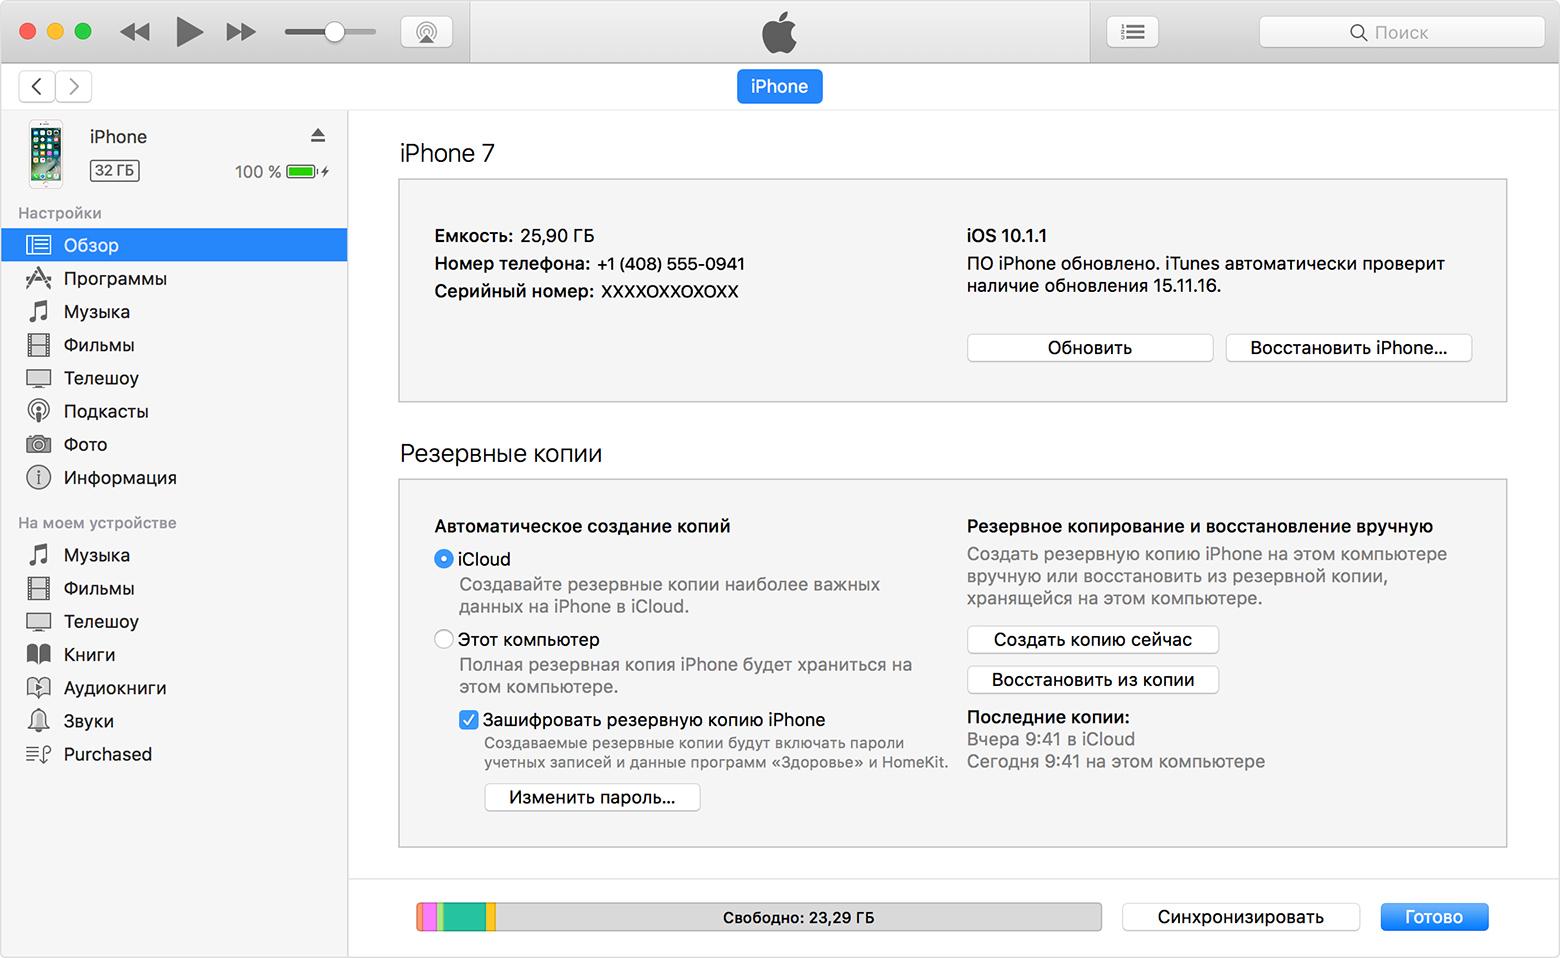 Az iPhone 4-én nem szoktam csatlakozni az iTunes-hoz